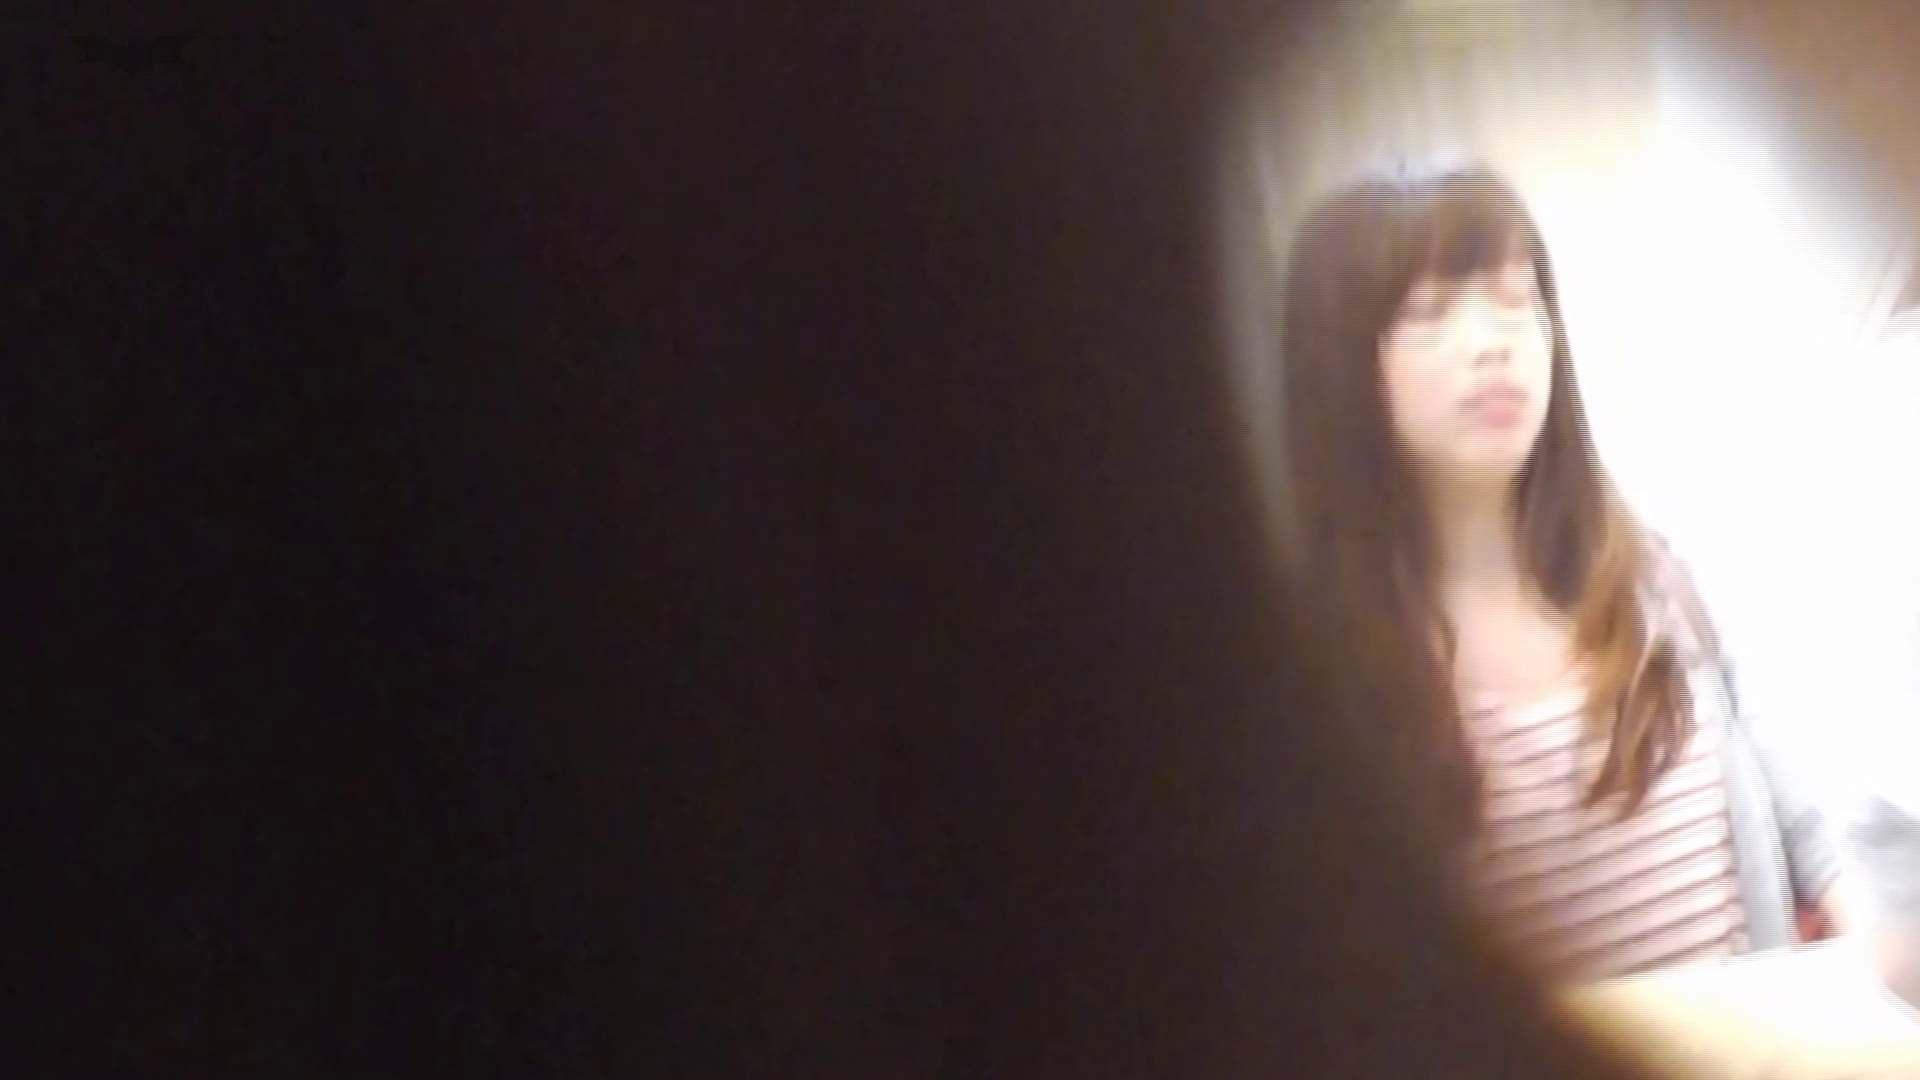 和式洋式七変化 Vol.32 綺麗な子連続登場 お姉さんのSEX ワレメ動画紹介 93枚 46